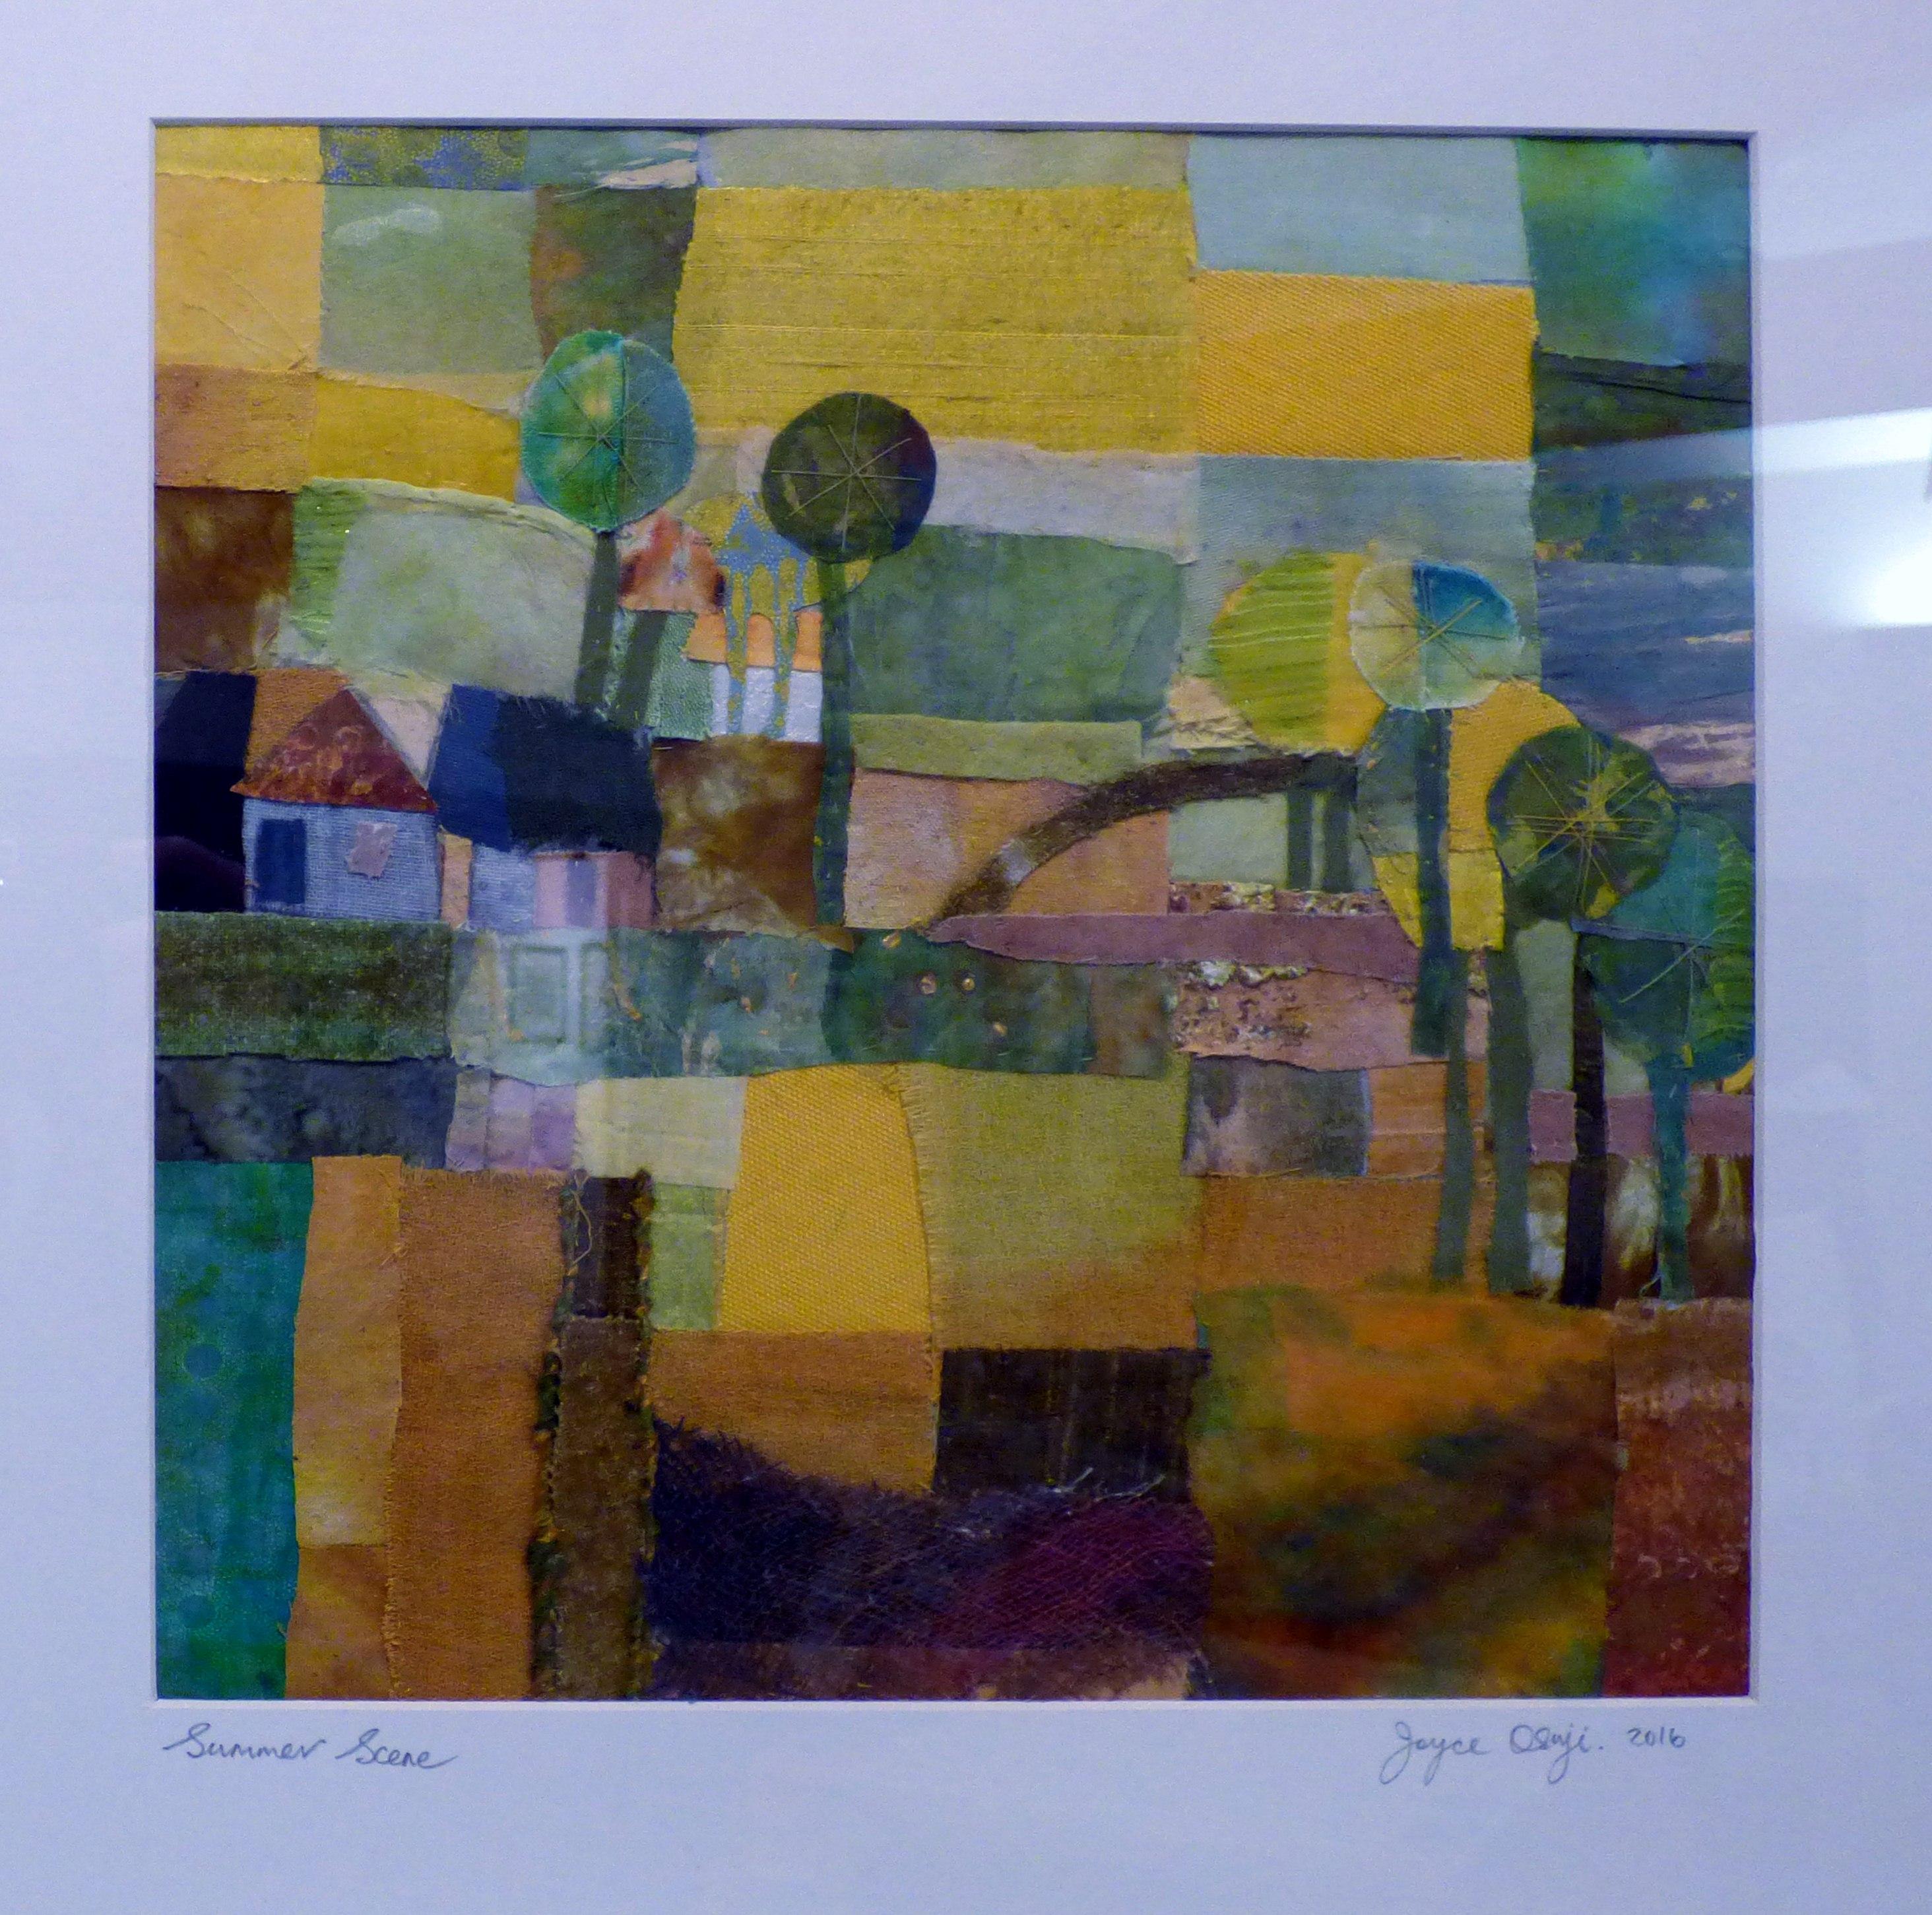 SUMMER SCENE by Joyce Osuji, Ten Plus exhibition, Nantwich